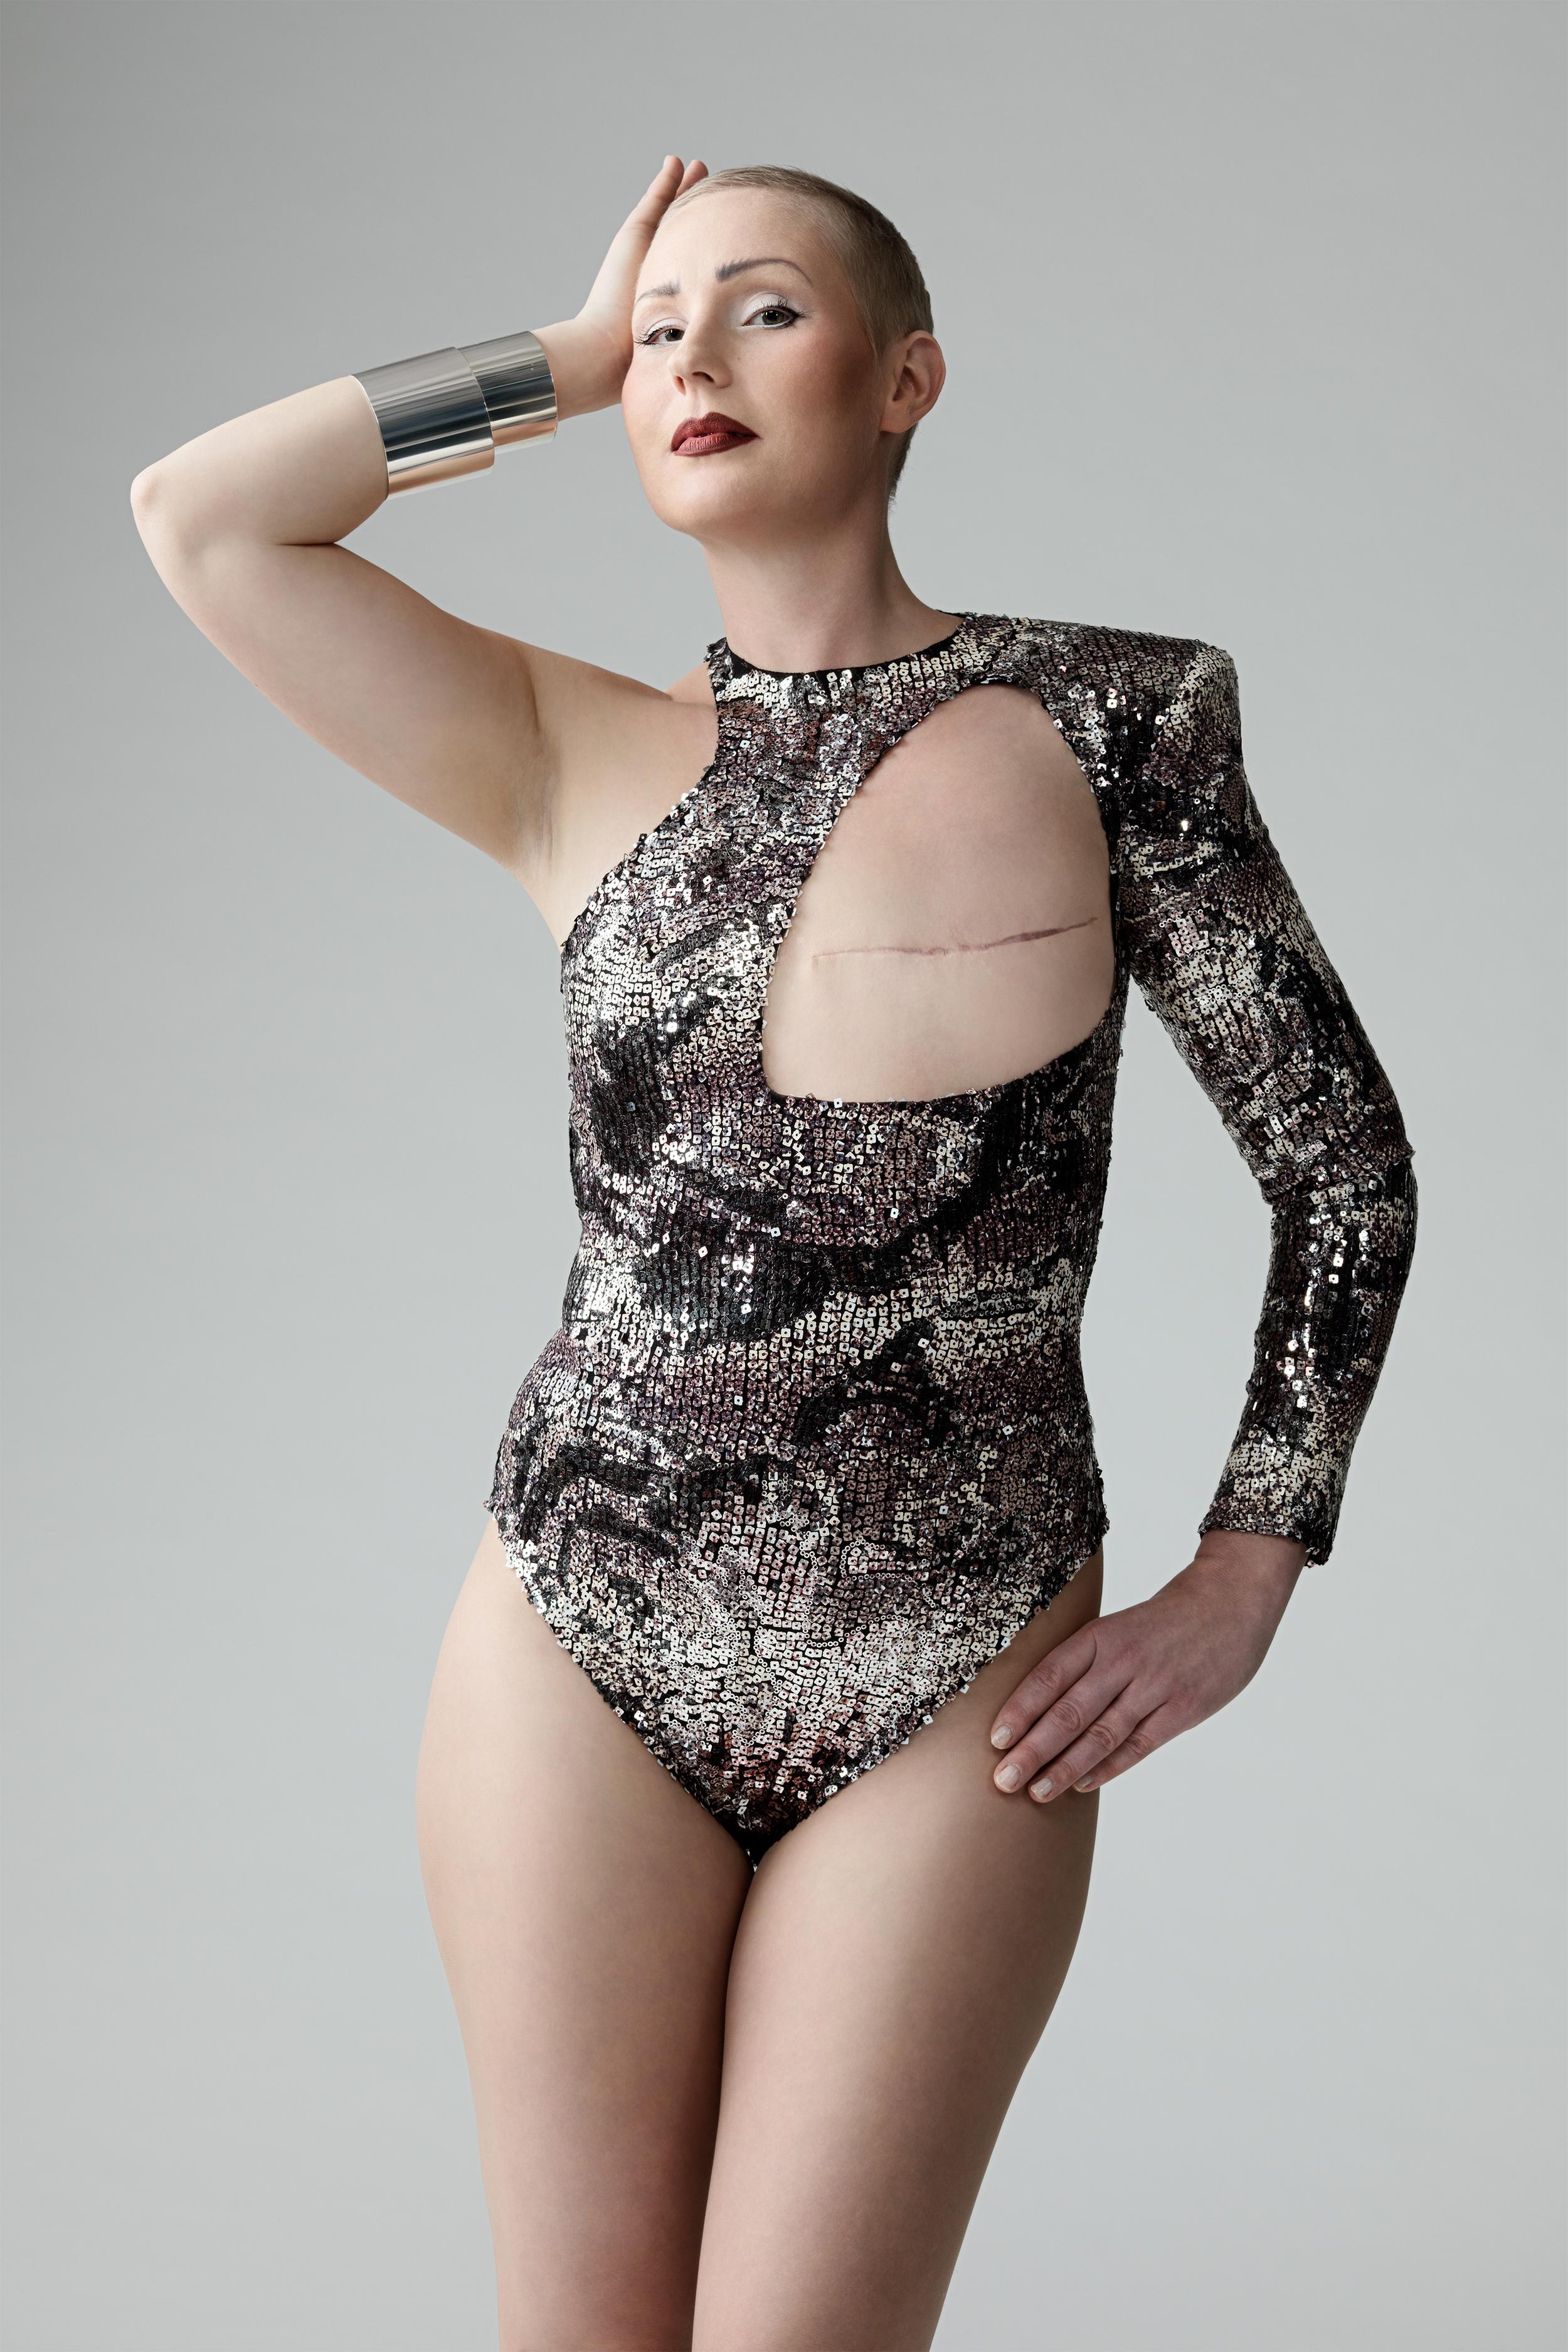 Model Katja / Design by Mert Otsamo